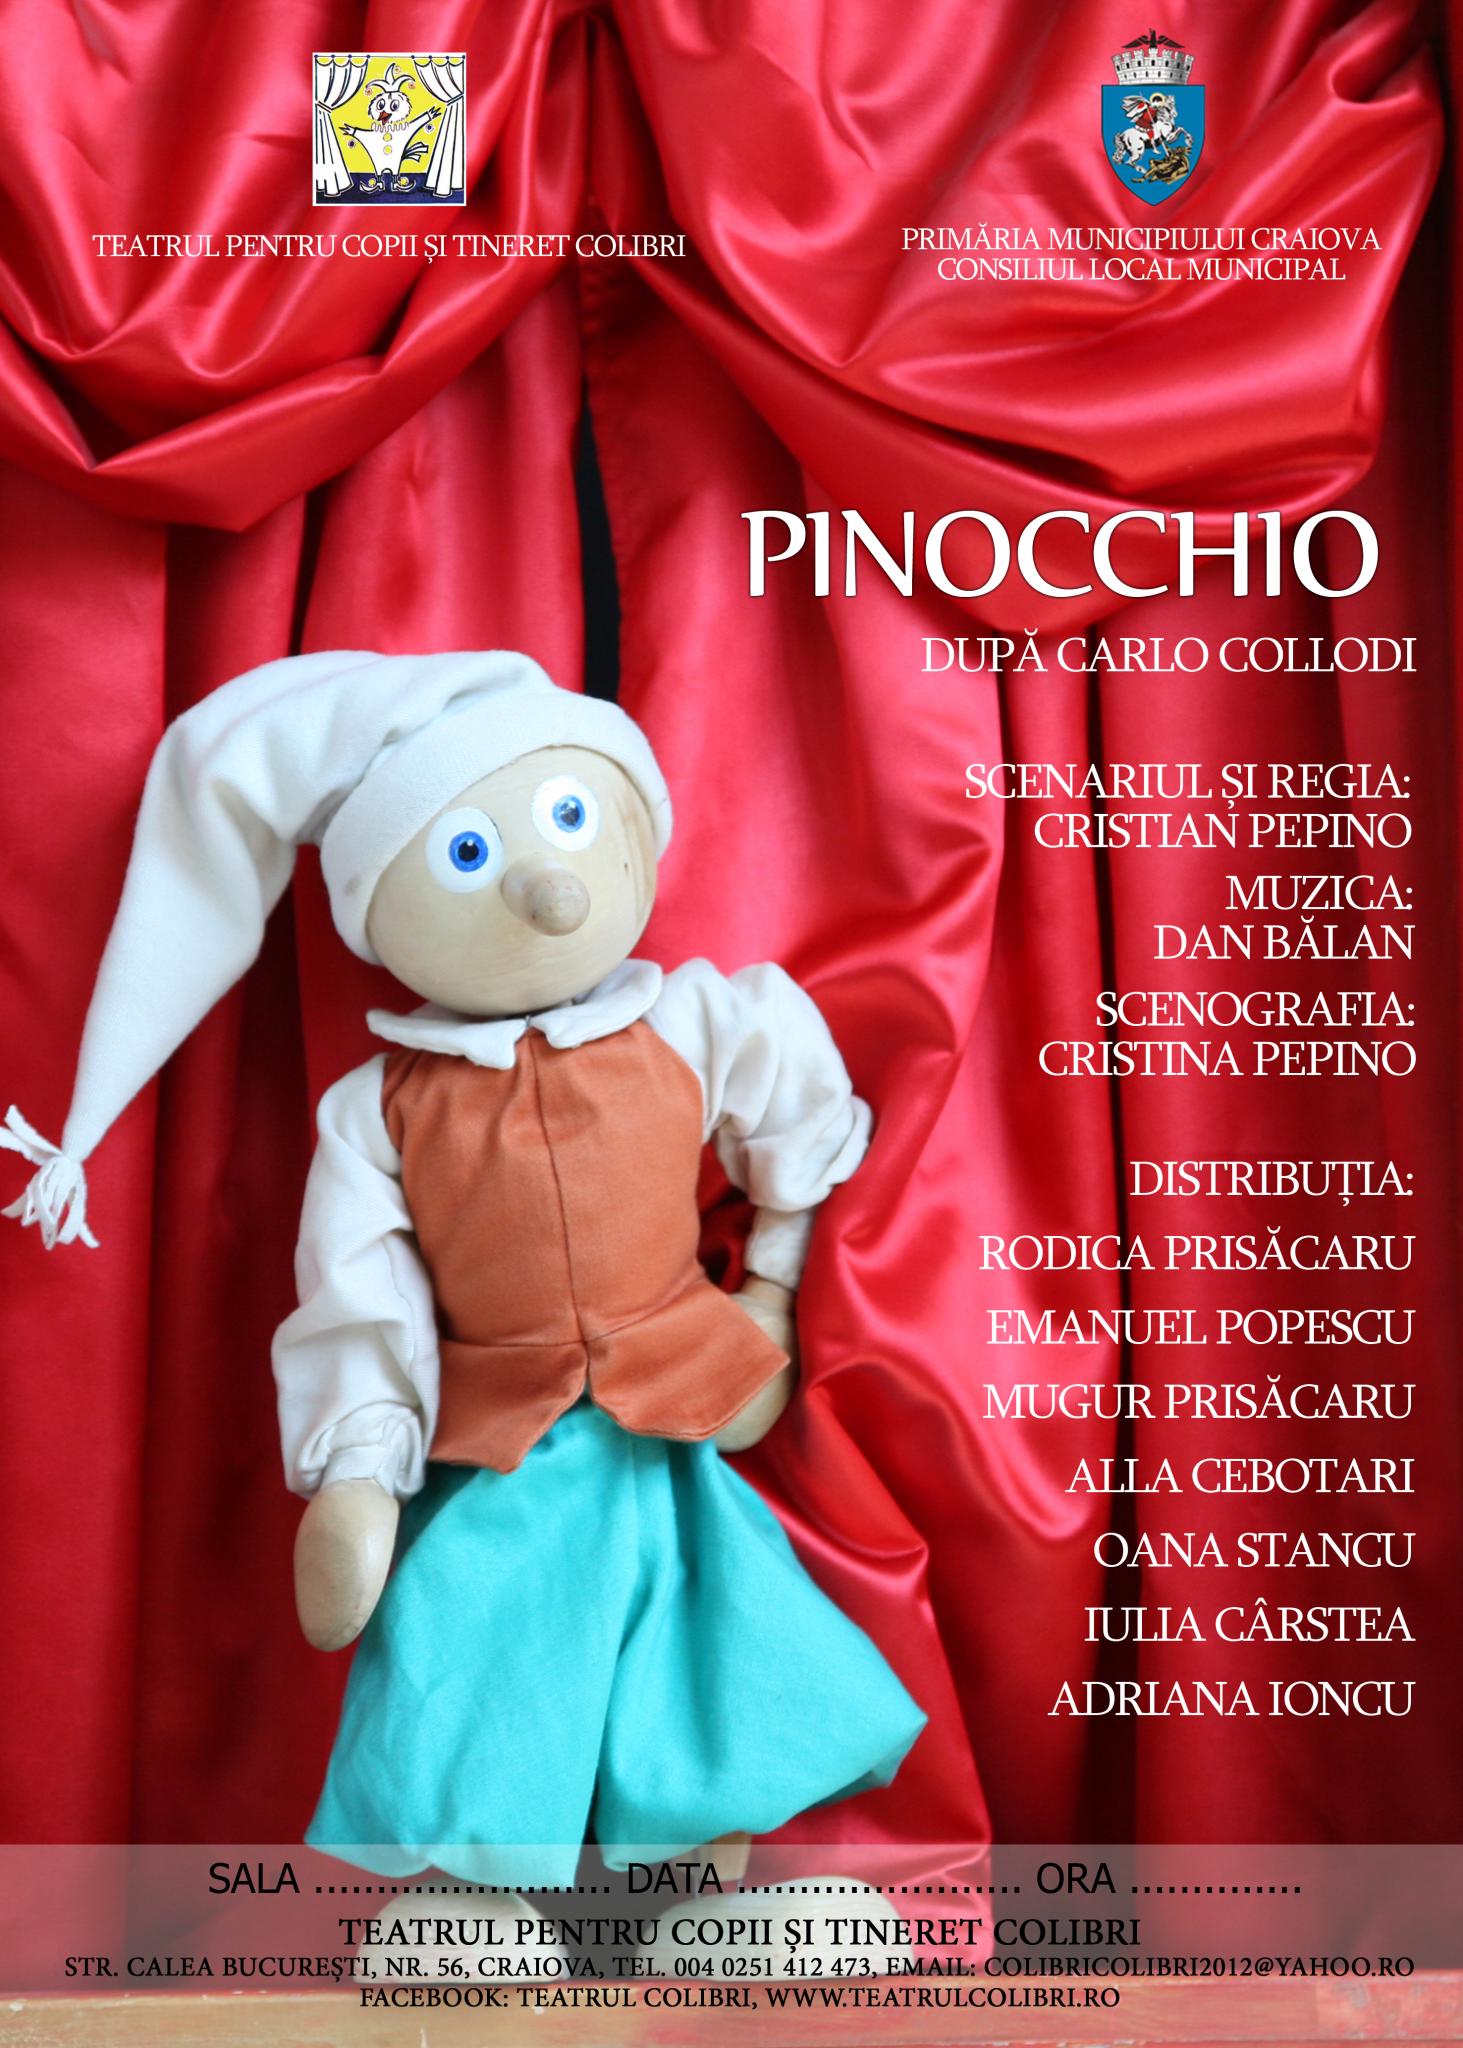 Teatrul Colibri Craiova pornește în călătorie cu Pinocchio prin Oltenia